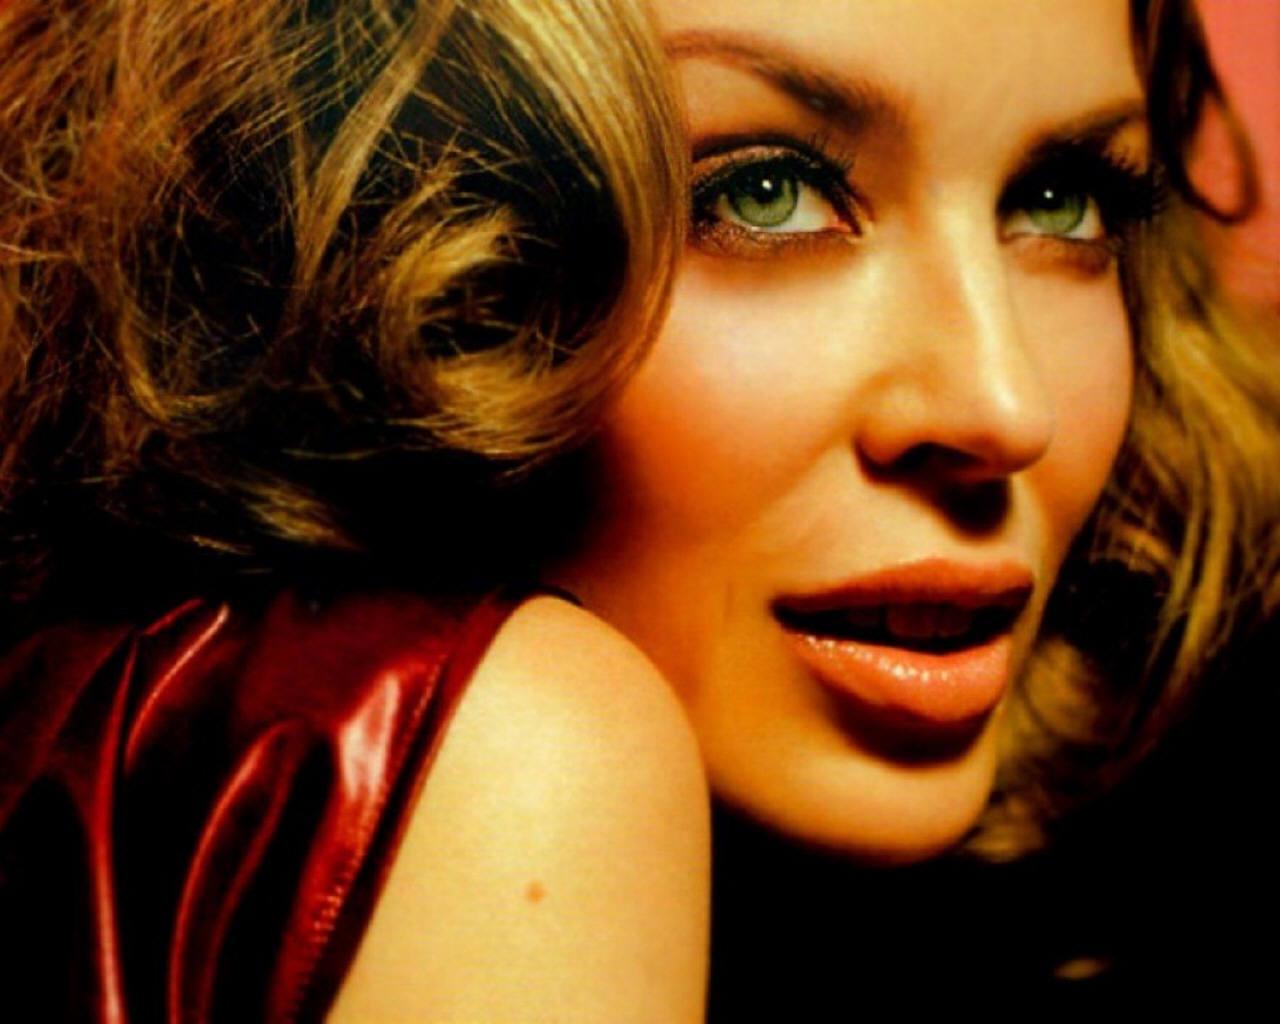 http://2.bp.blogspot.com/-b5S68qL1-Co/Td-zvFrrY6I/AAAAAAAAEGg/dsOC65-lZJM/s1600/Kylie-Minogue-kylie-minogue-64556_1280_1024.jpg